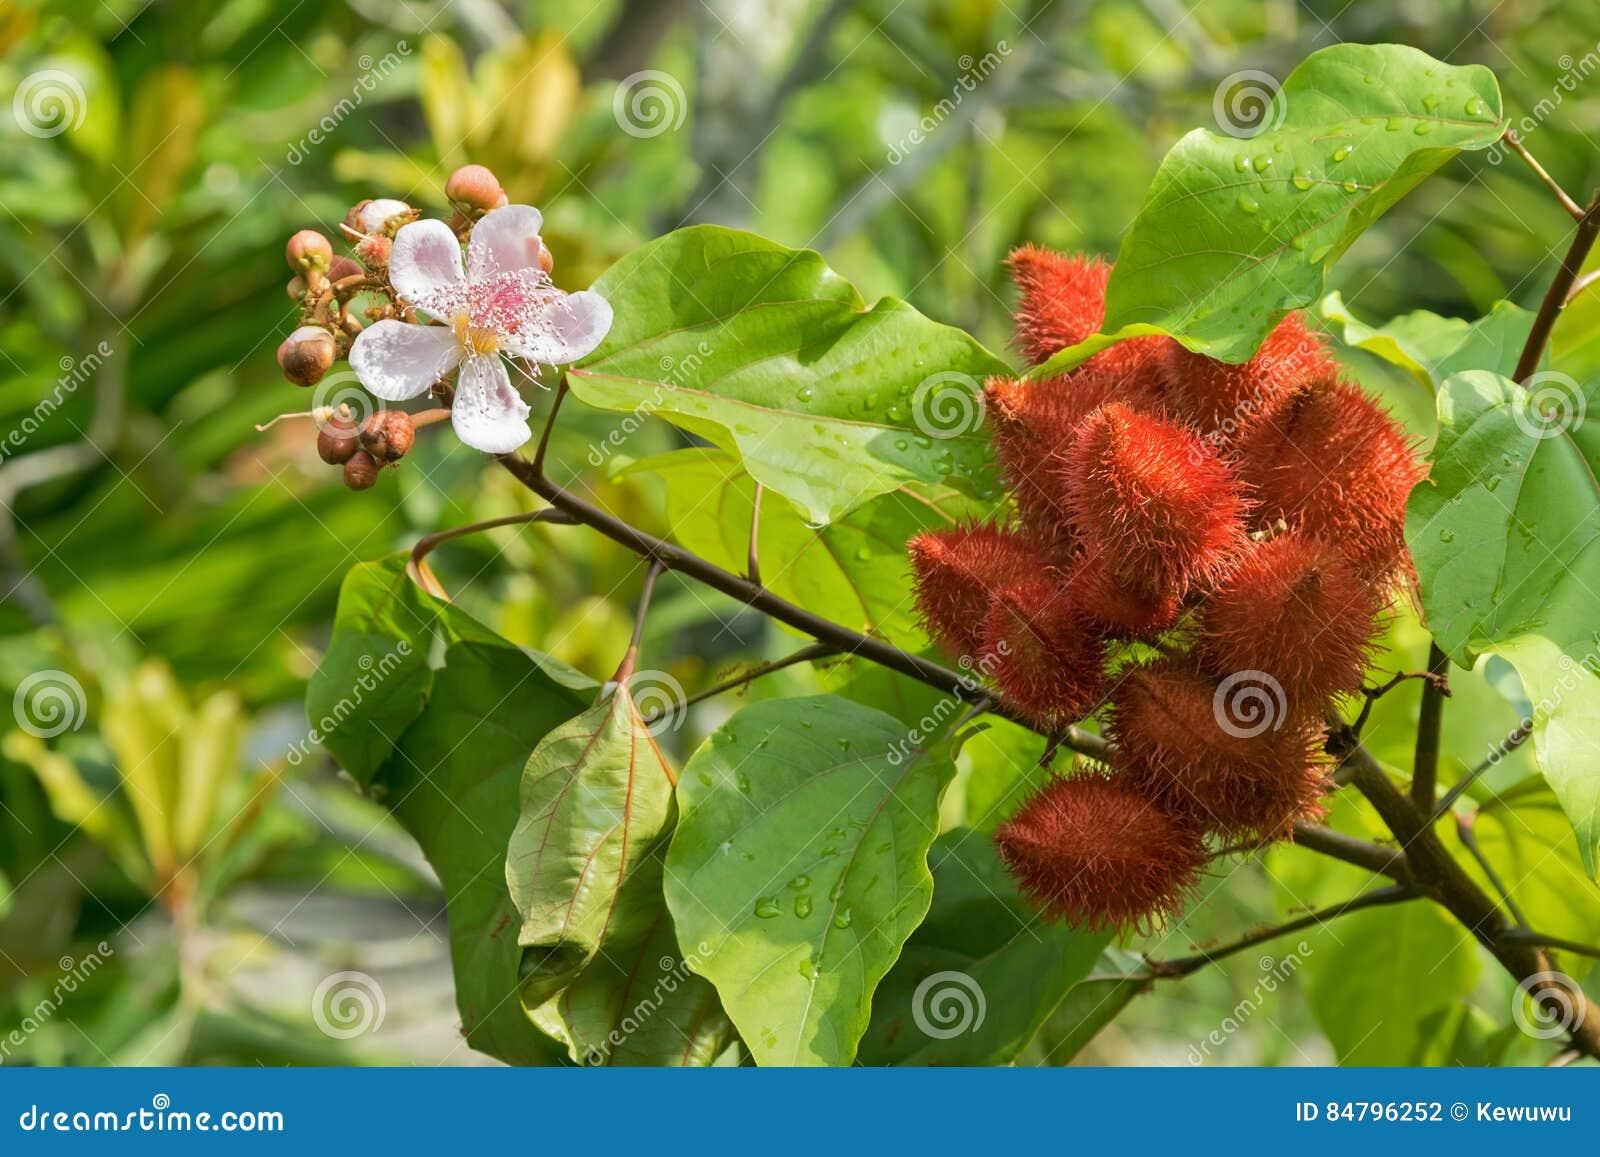 Rbol del l piz labial flores de achiote y vainas rosadas for Arbol rojo jardin